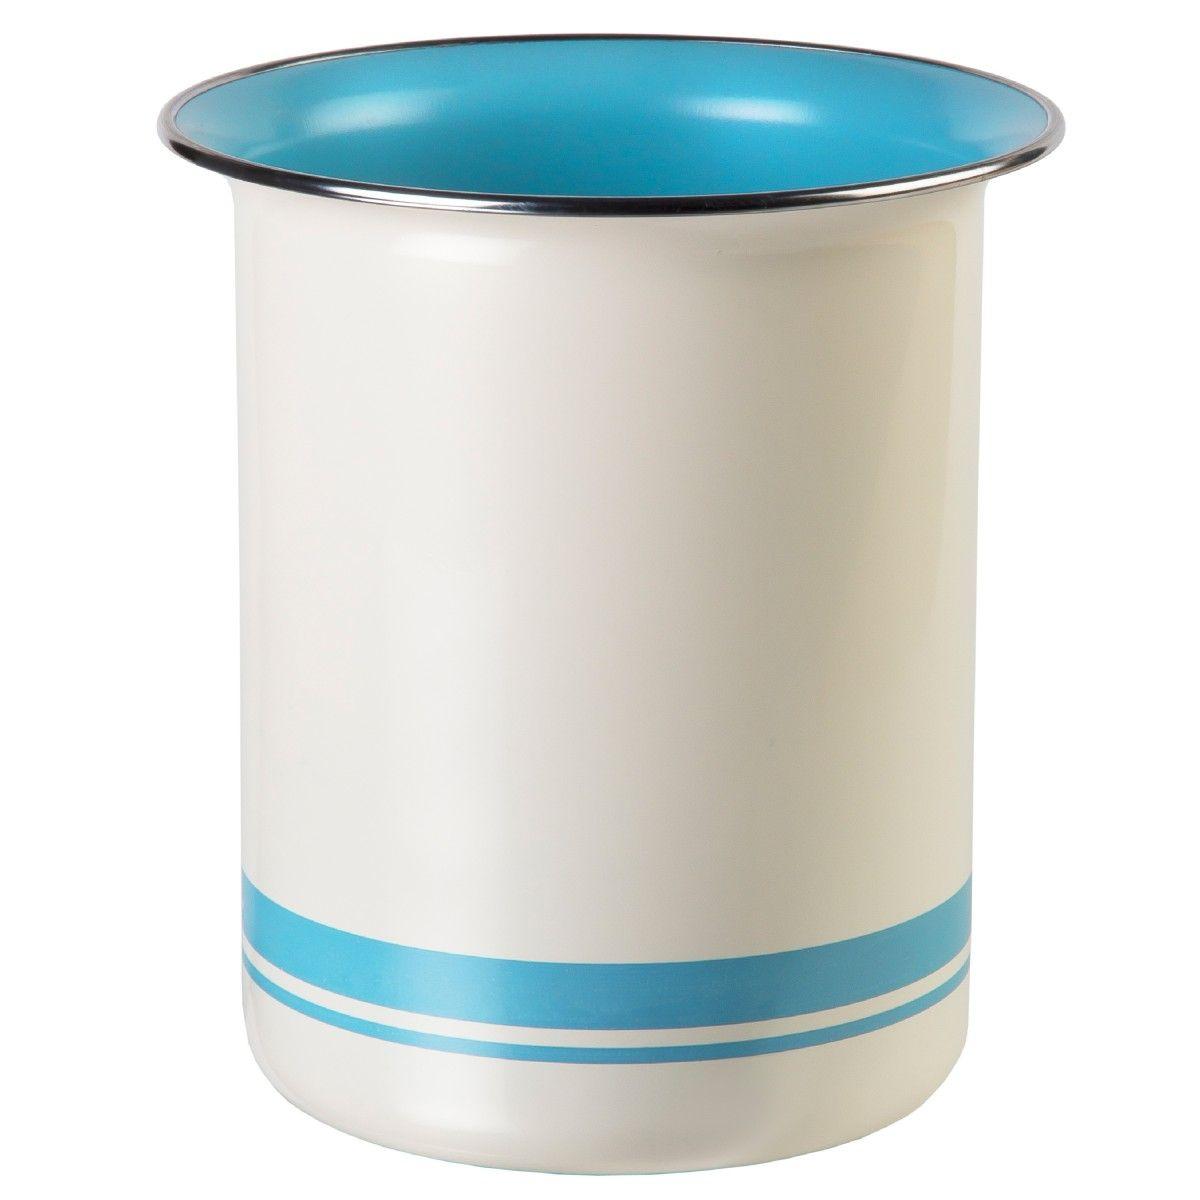 Küchendekoration oliver mittelgrosser behälter buy inhoma24 de inhoma